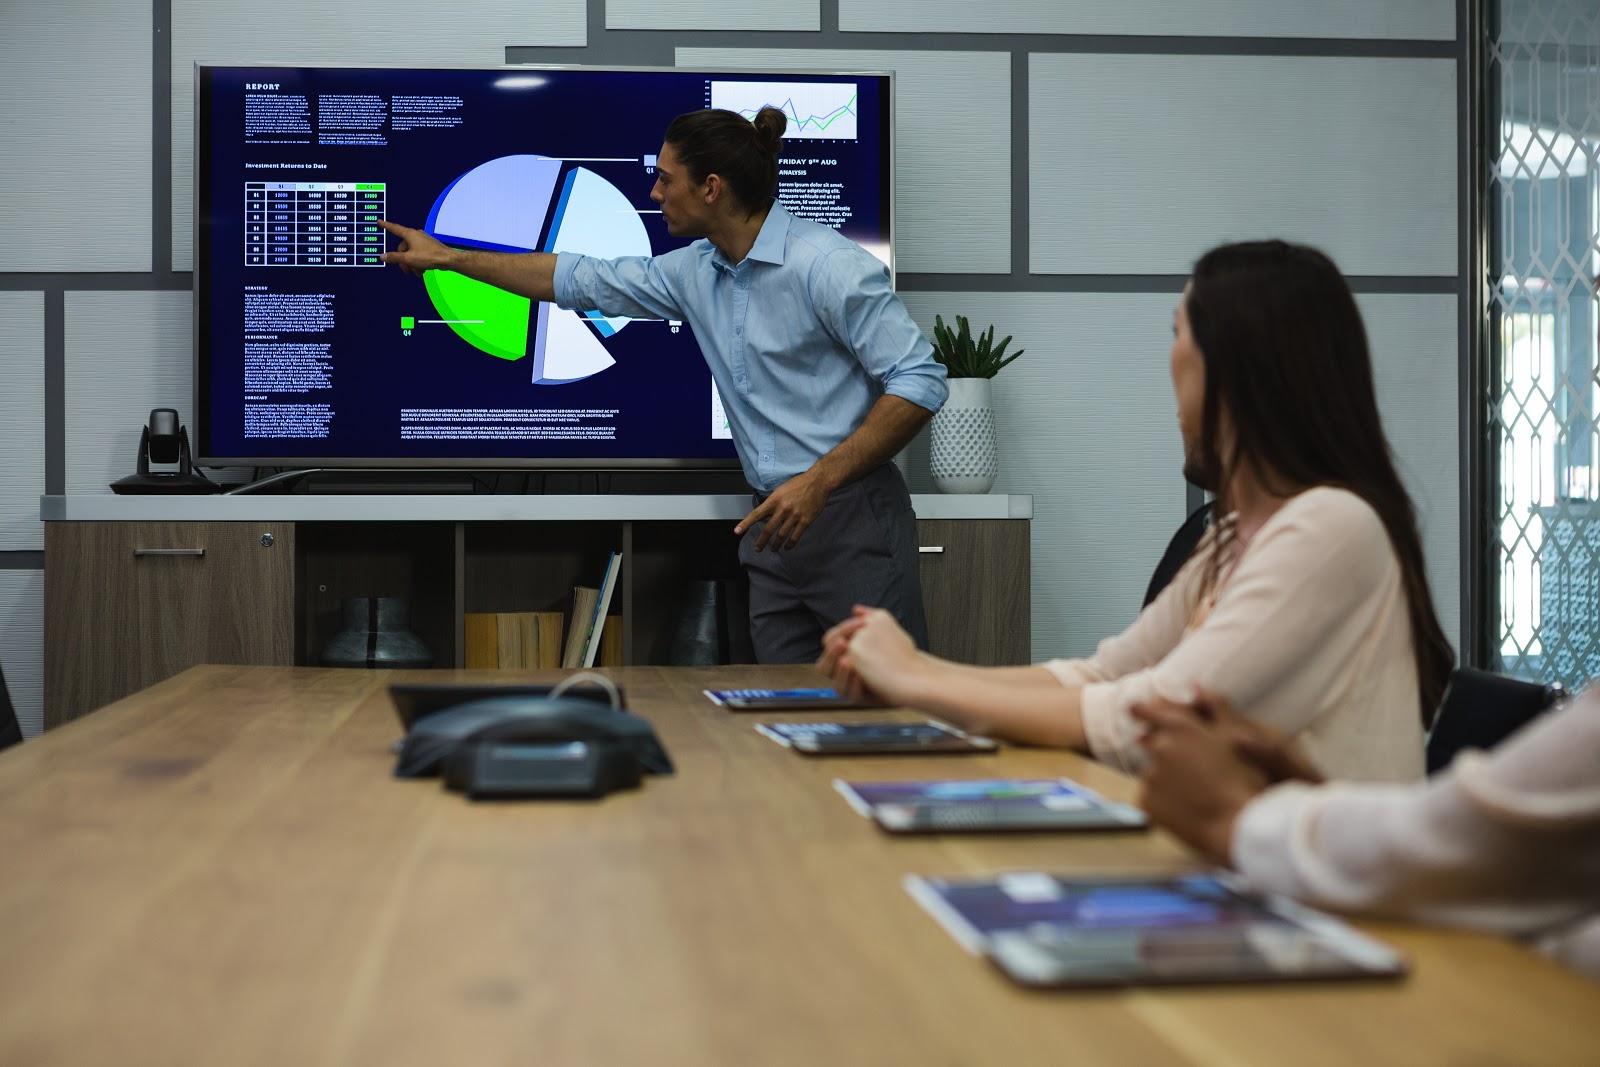 Imagem de um escritório onde um homem está apontando para uma tabela, em uma grande tela de televisão, que está projetando uma apresentação. Existe uma mulher sentada, parcialmente de lado, assistindo essa apresentação. A imagem foi captada em uma sala de reuniões.